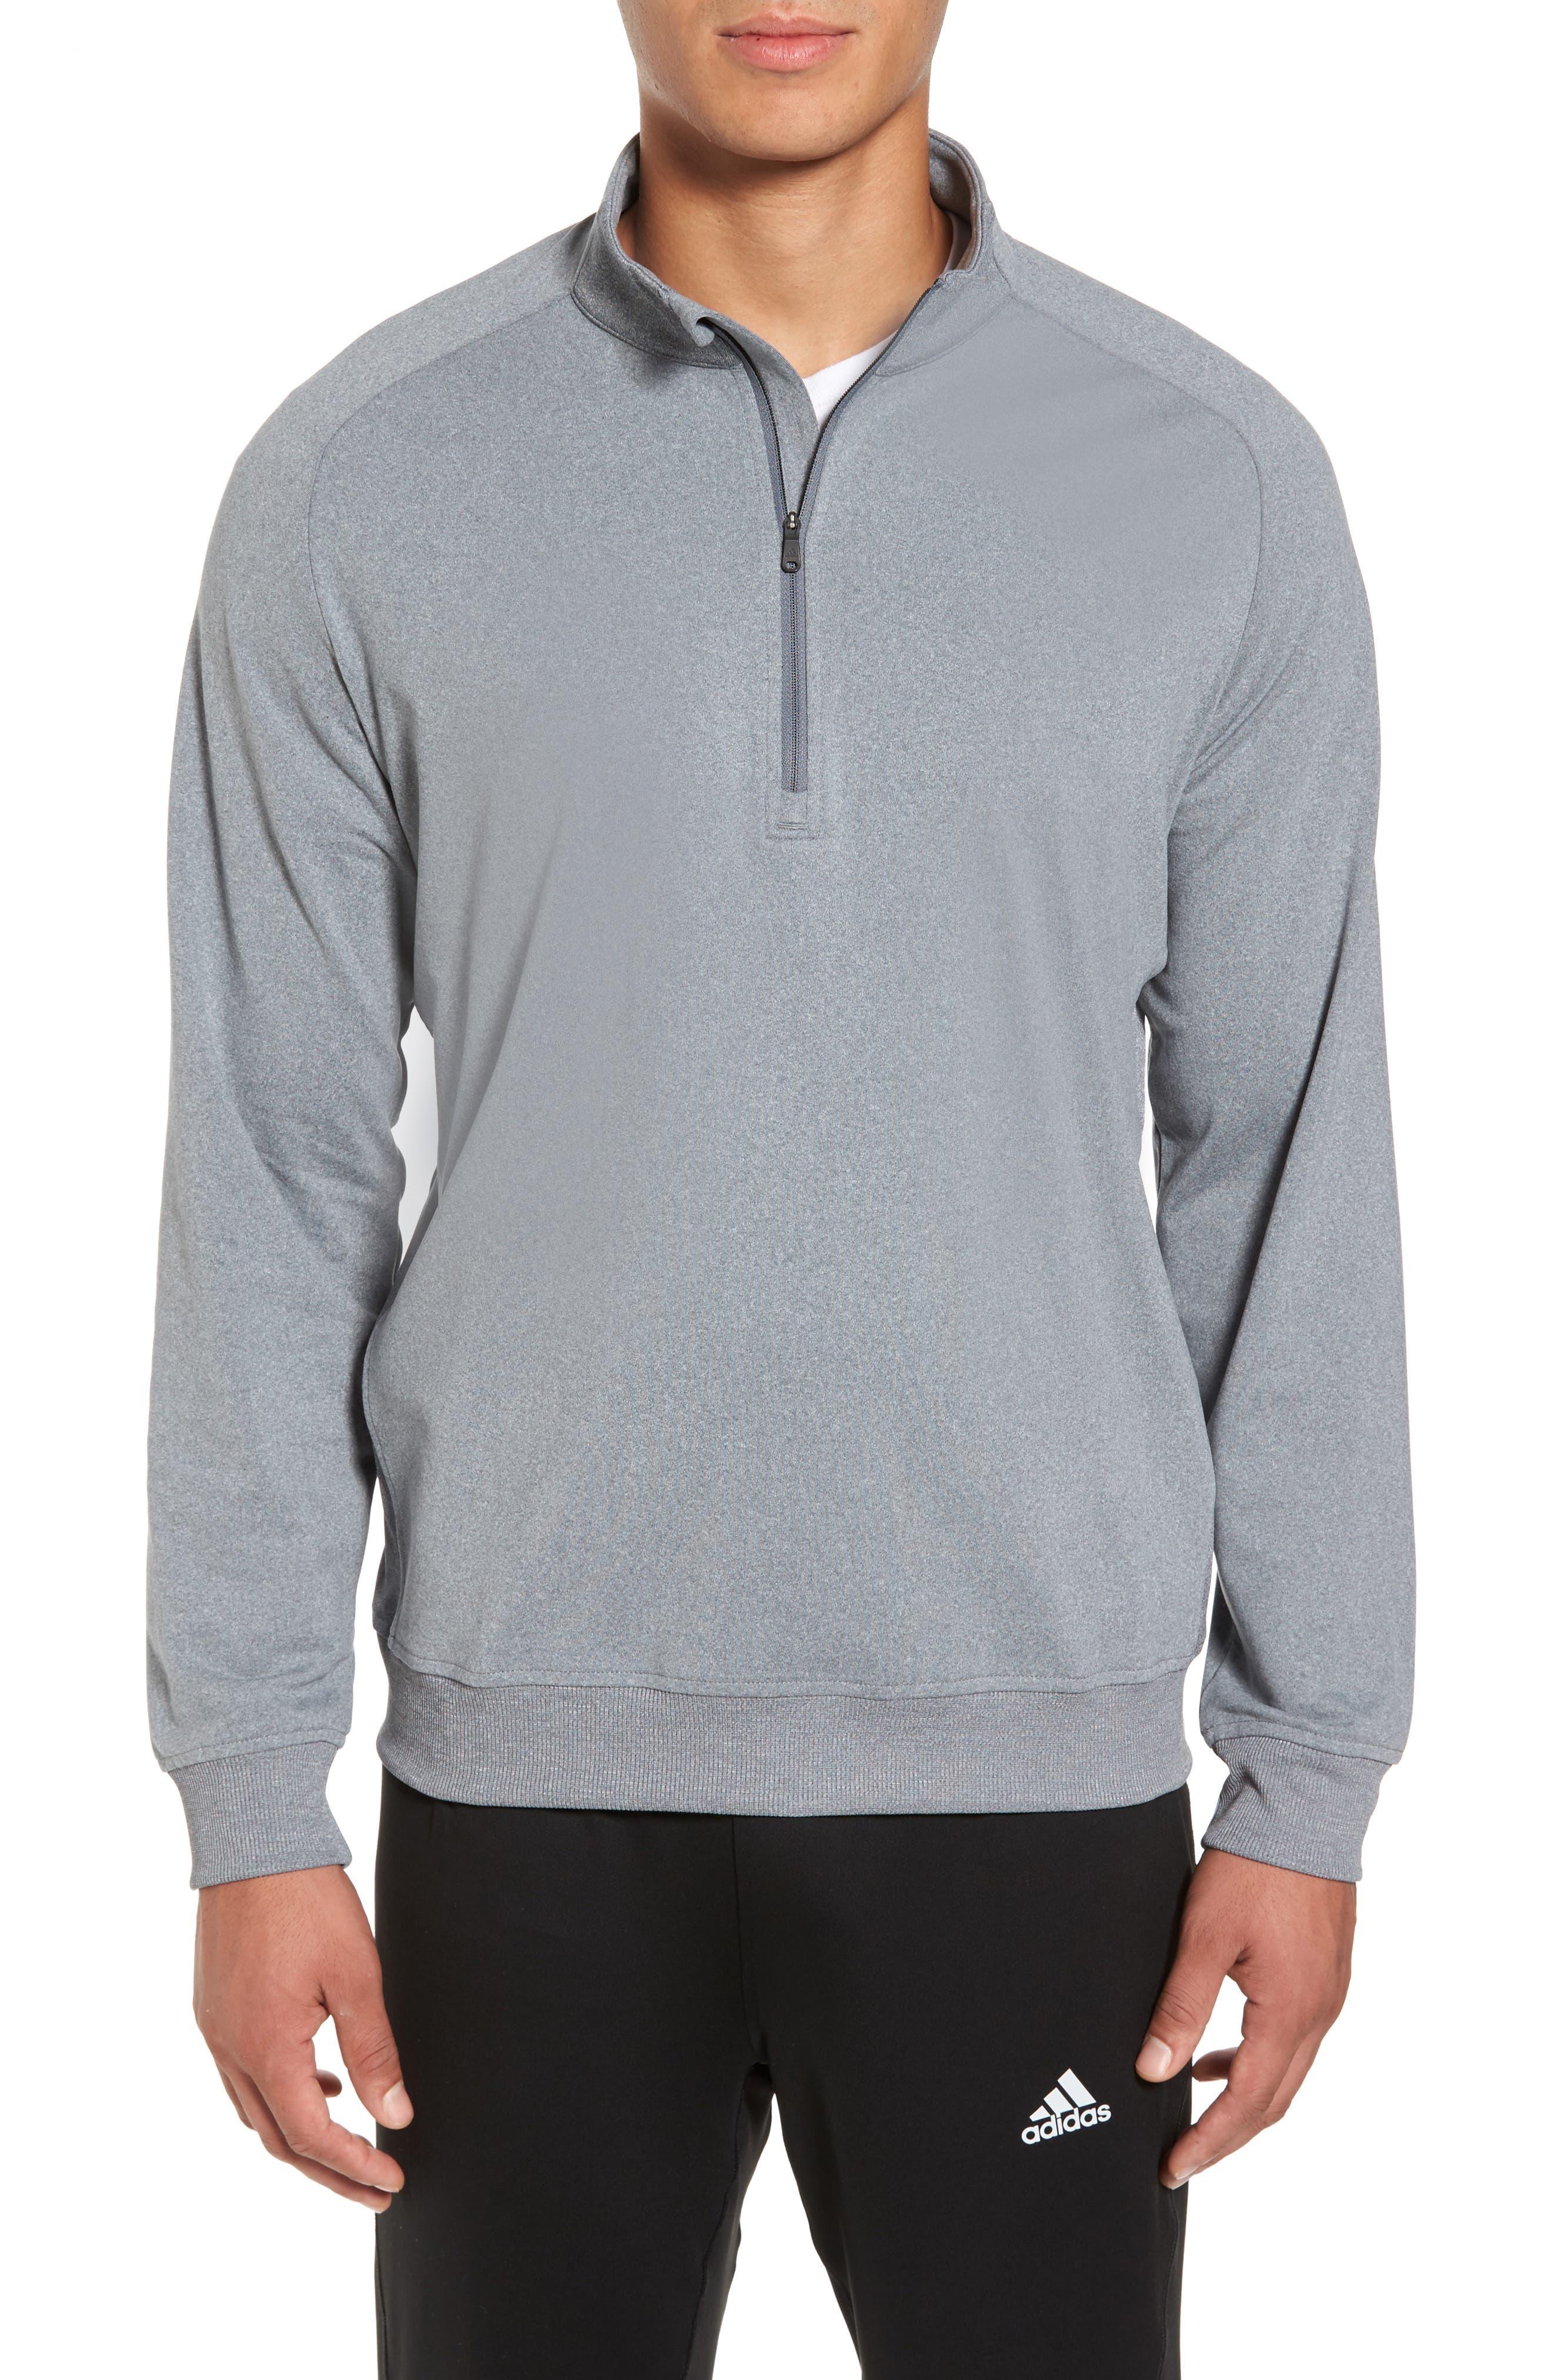 adidas quarter zip. main image - adidas club quarter zip pullover